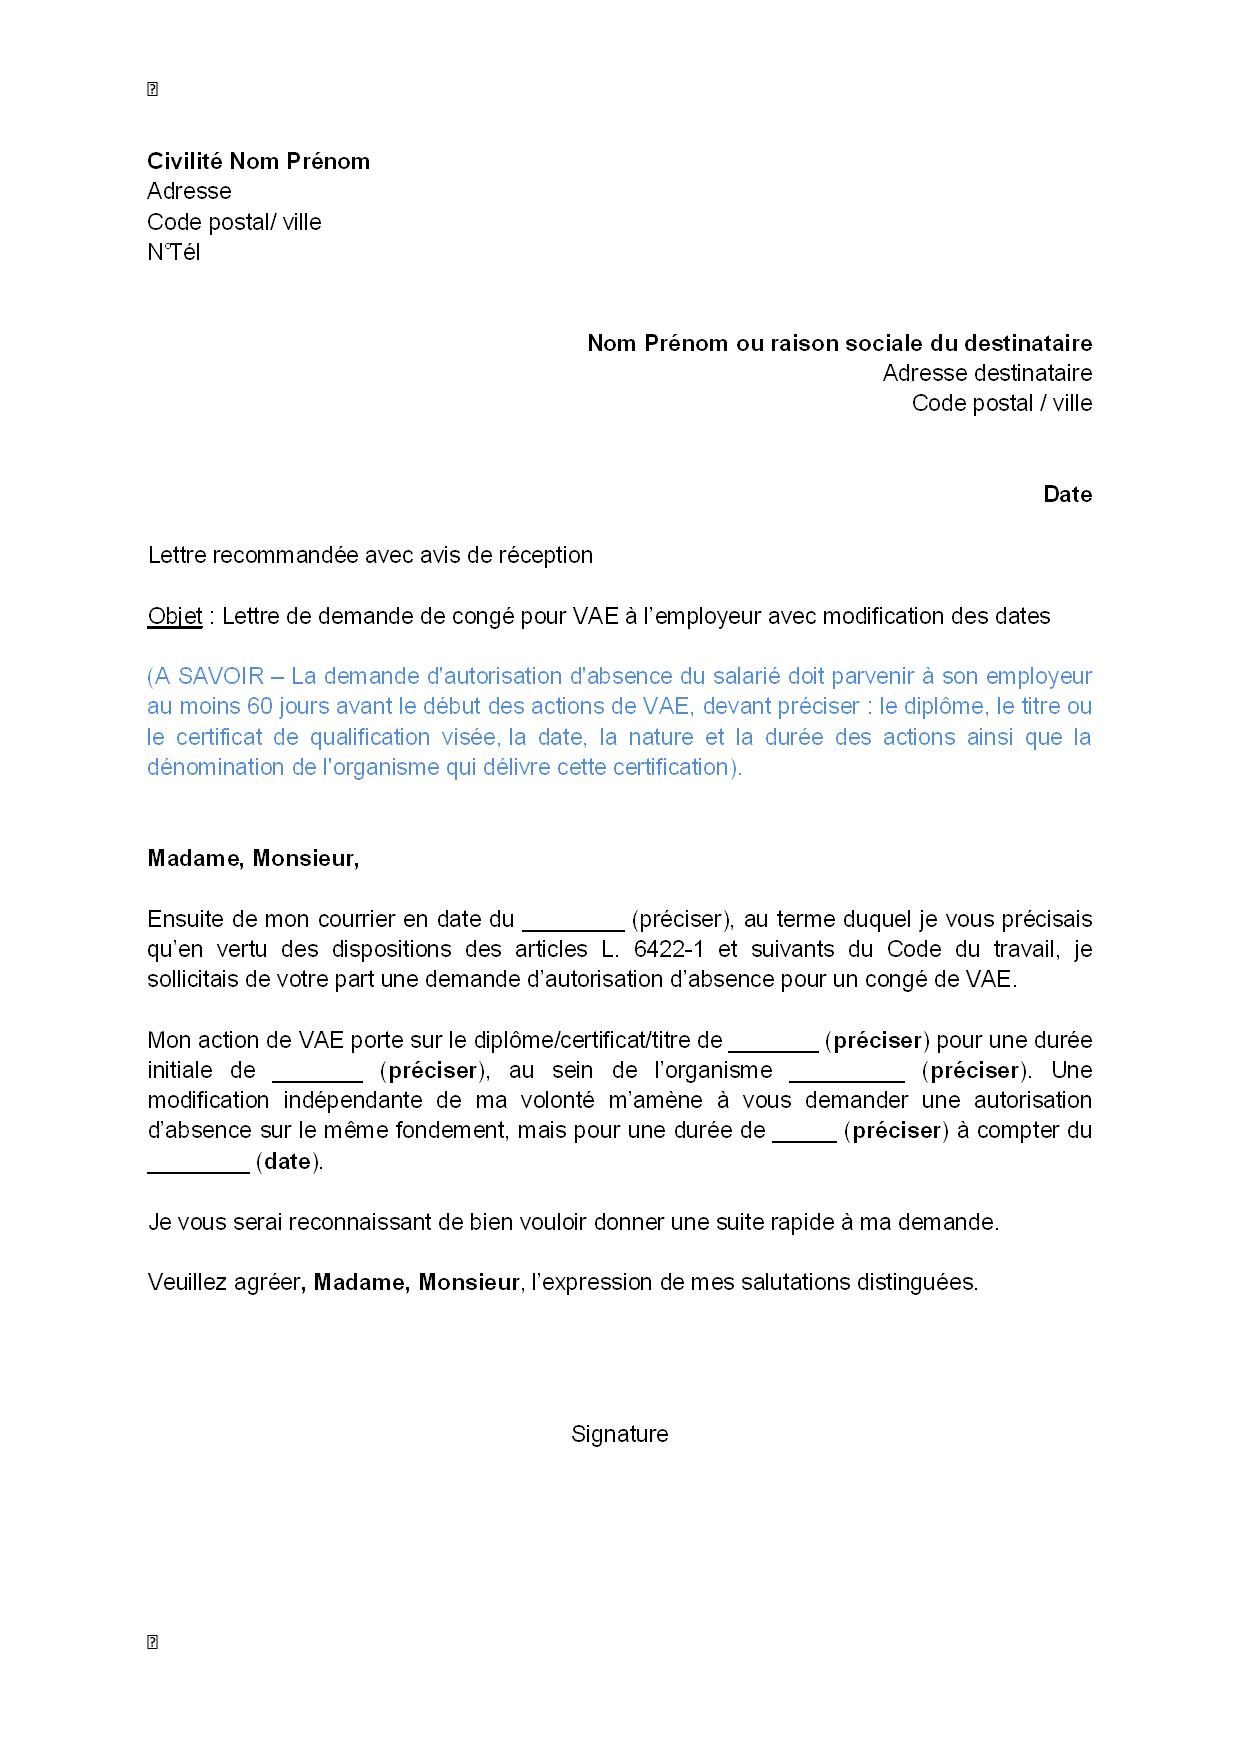 lettre de demande de cong u00e9 pour vae  u00e0 l u0026 39 employeur avec